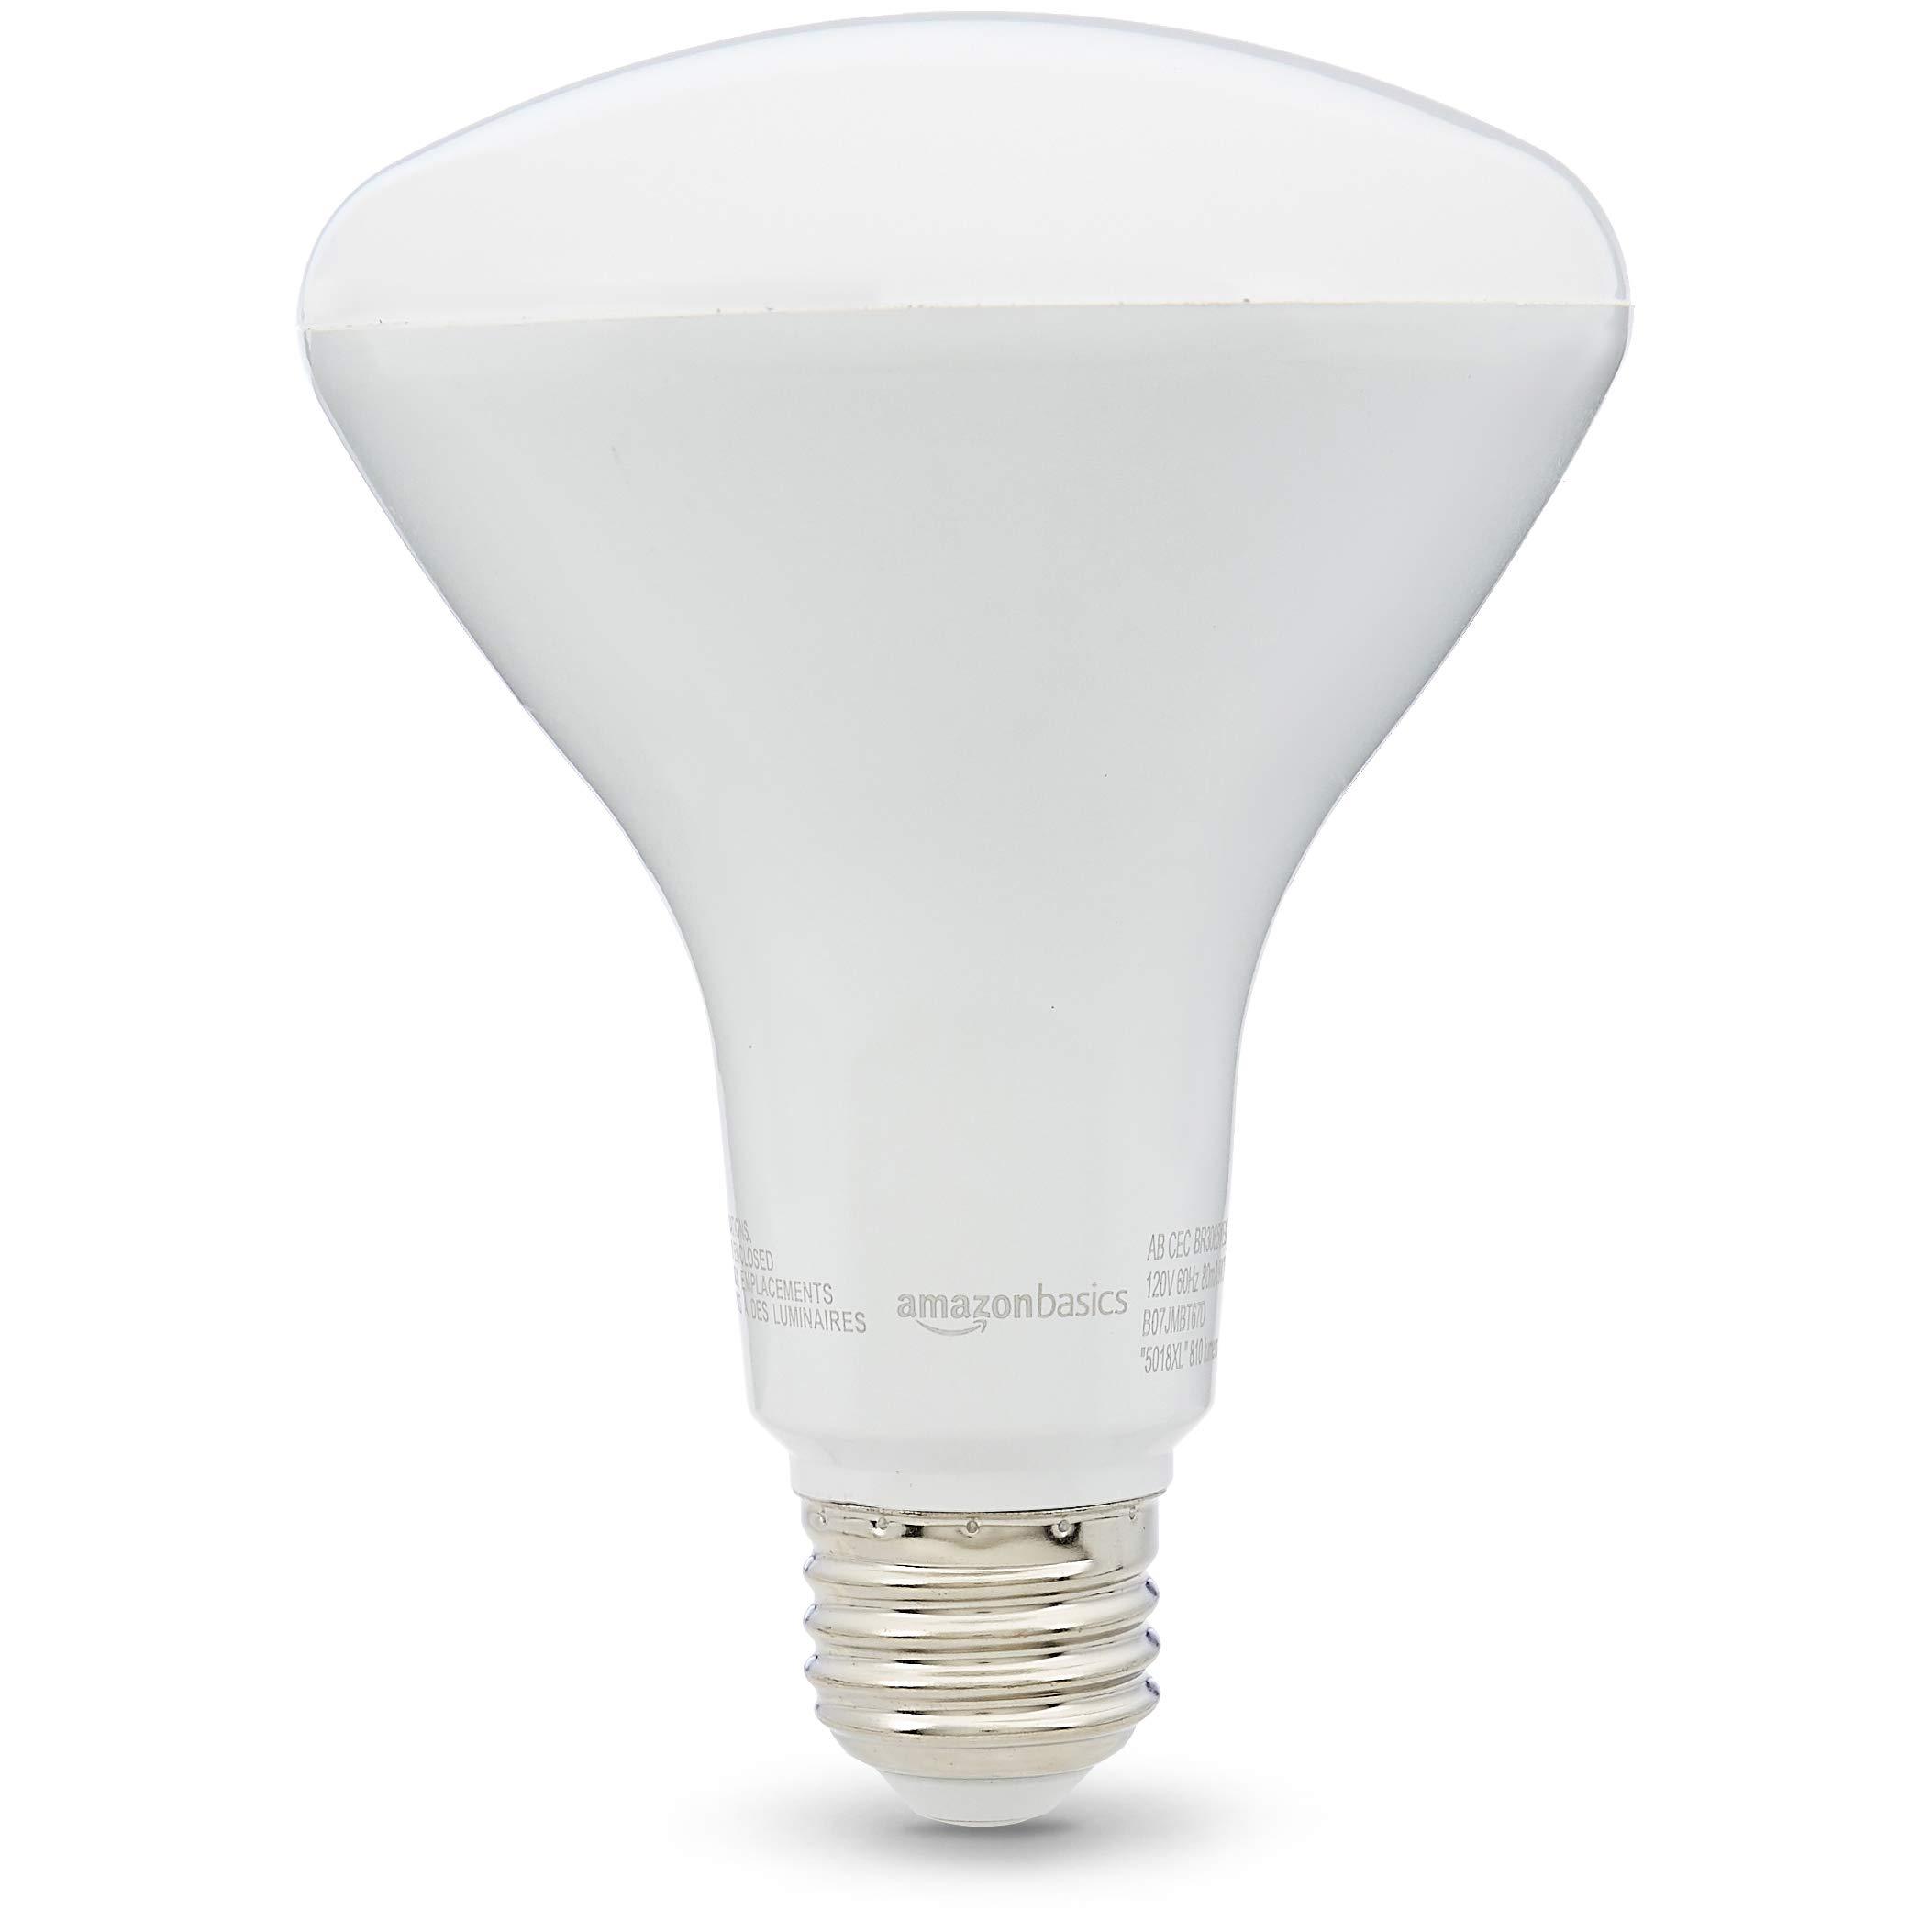 AmazonBasics 65 Watt 15,000 Hours Dimmable 810 Lumens LED BR30 CEC Light Bulb - Pack of 6, Soft White